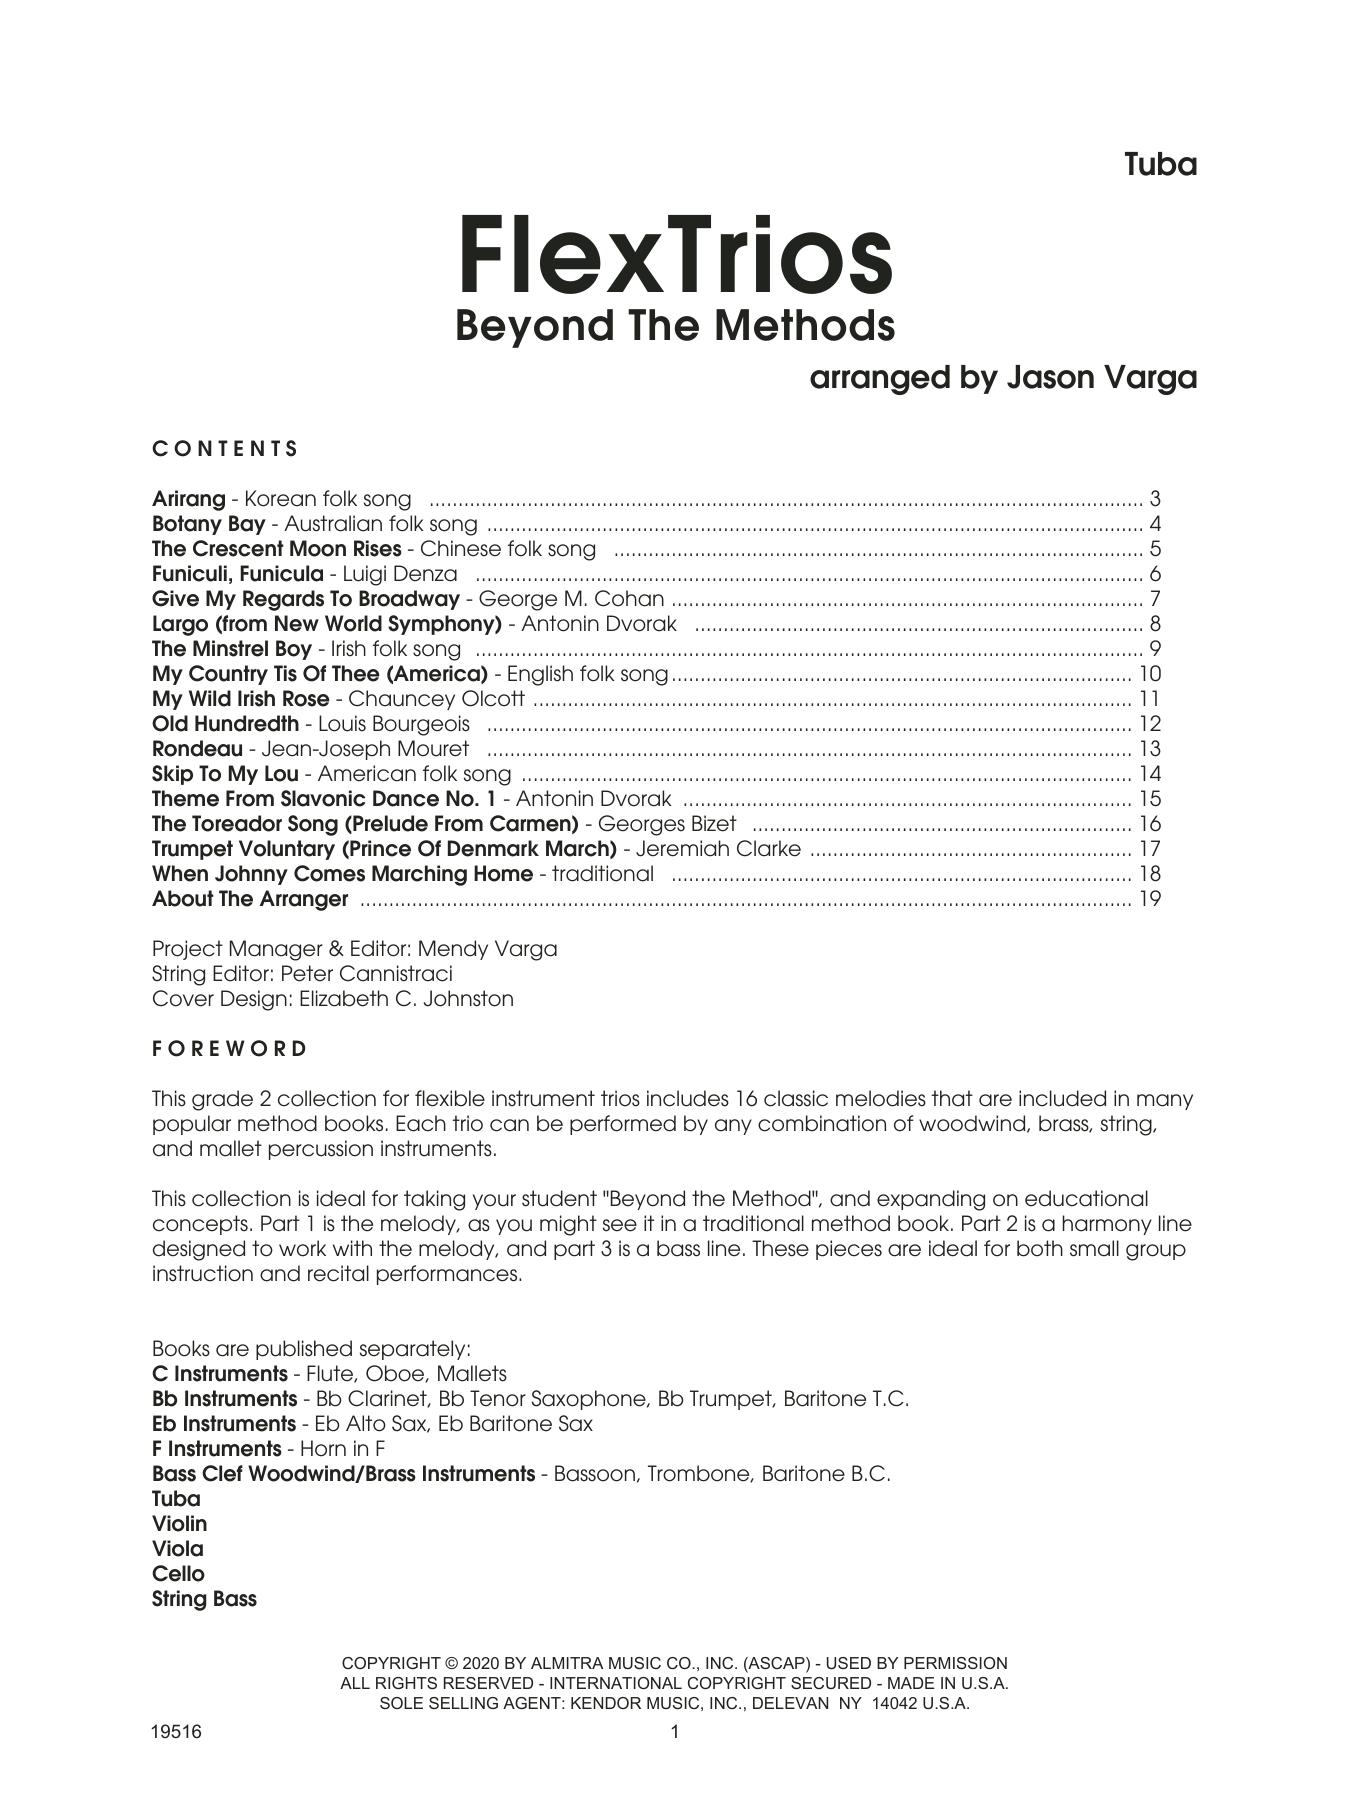 Jason Varga Flextrios - Beyond The Methods (16 Pieces) - Tuba sheet music notes printable PDF score